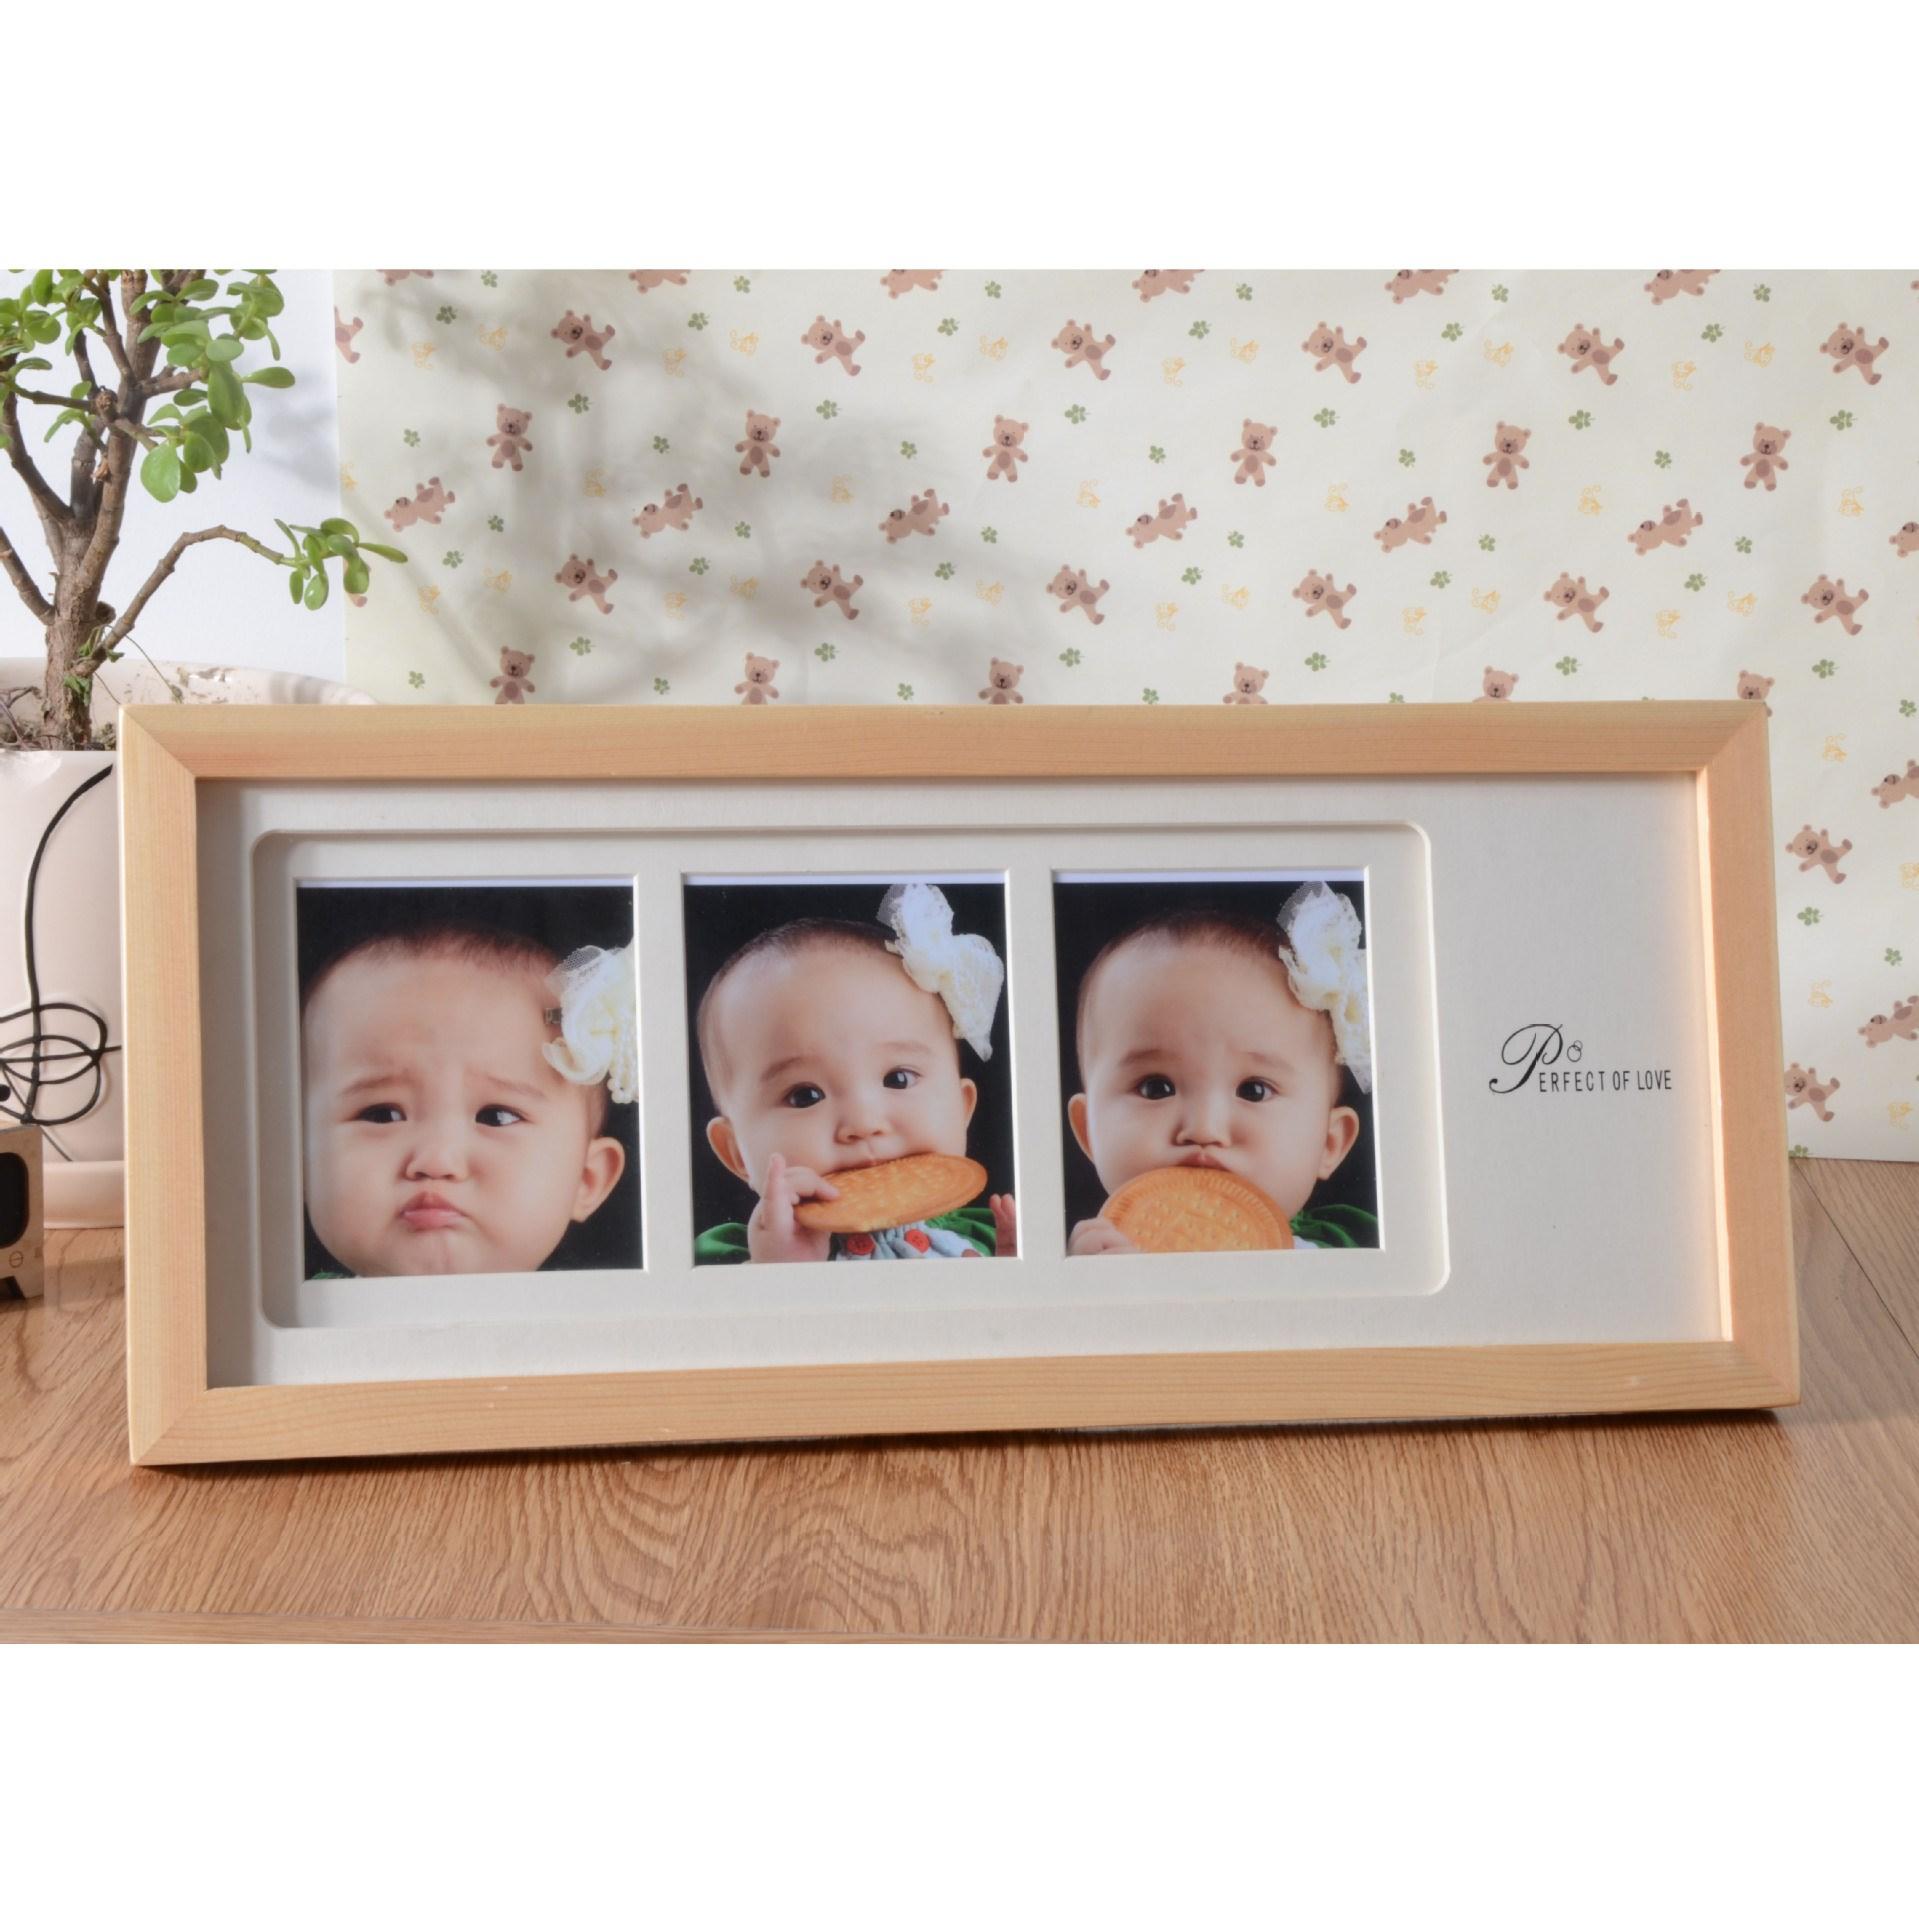 实木三连框高档韩式相框儿童相框摆台影楼文艺空间简约婚纱相架